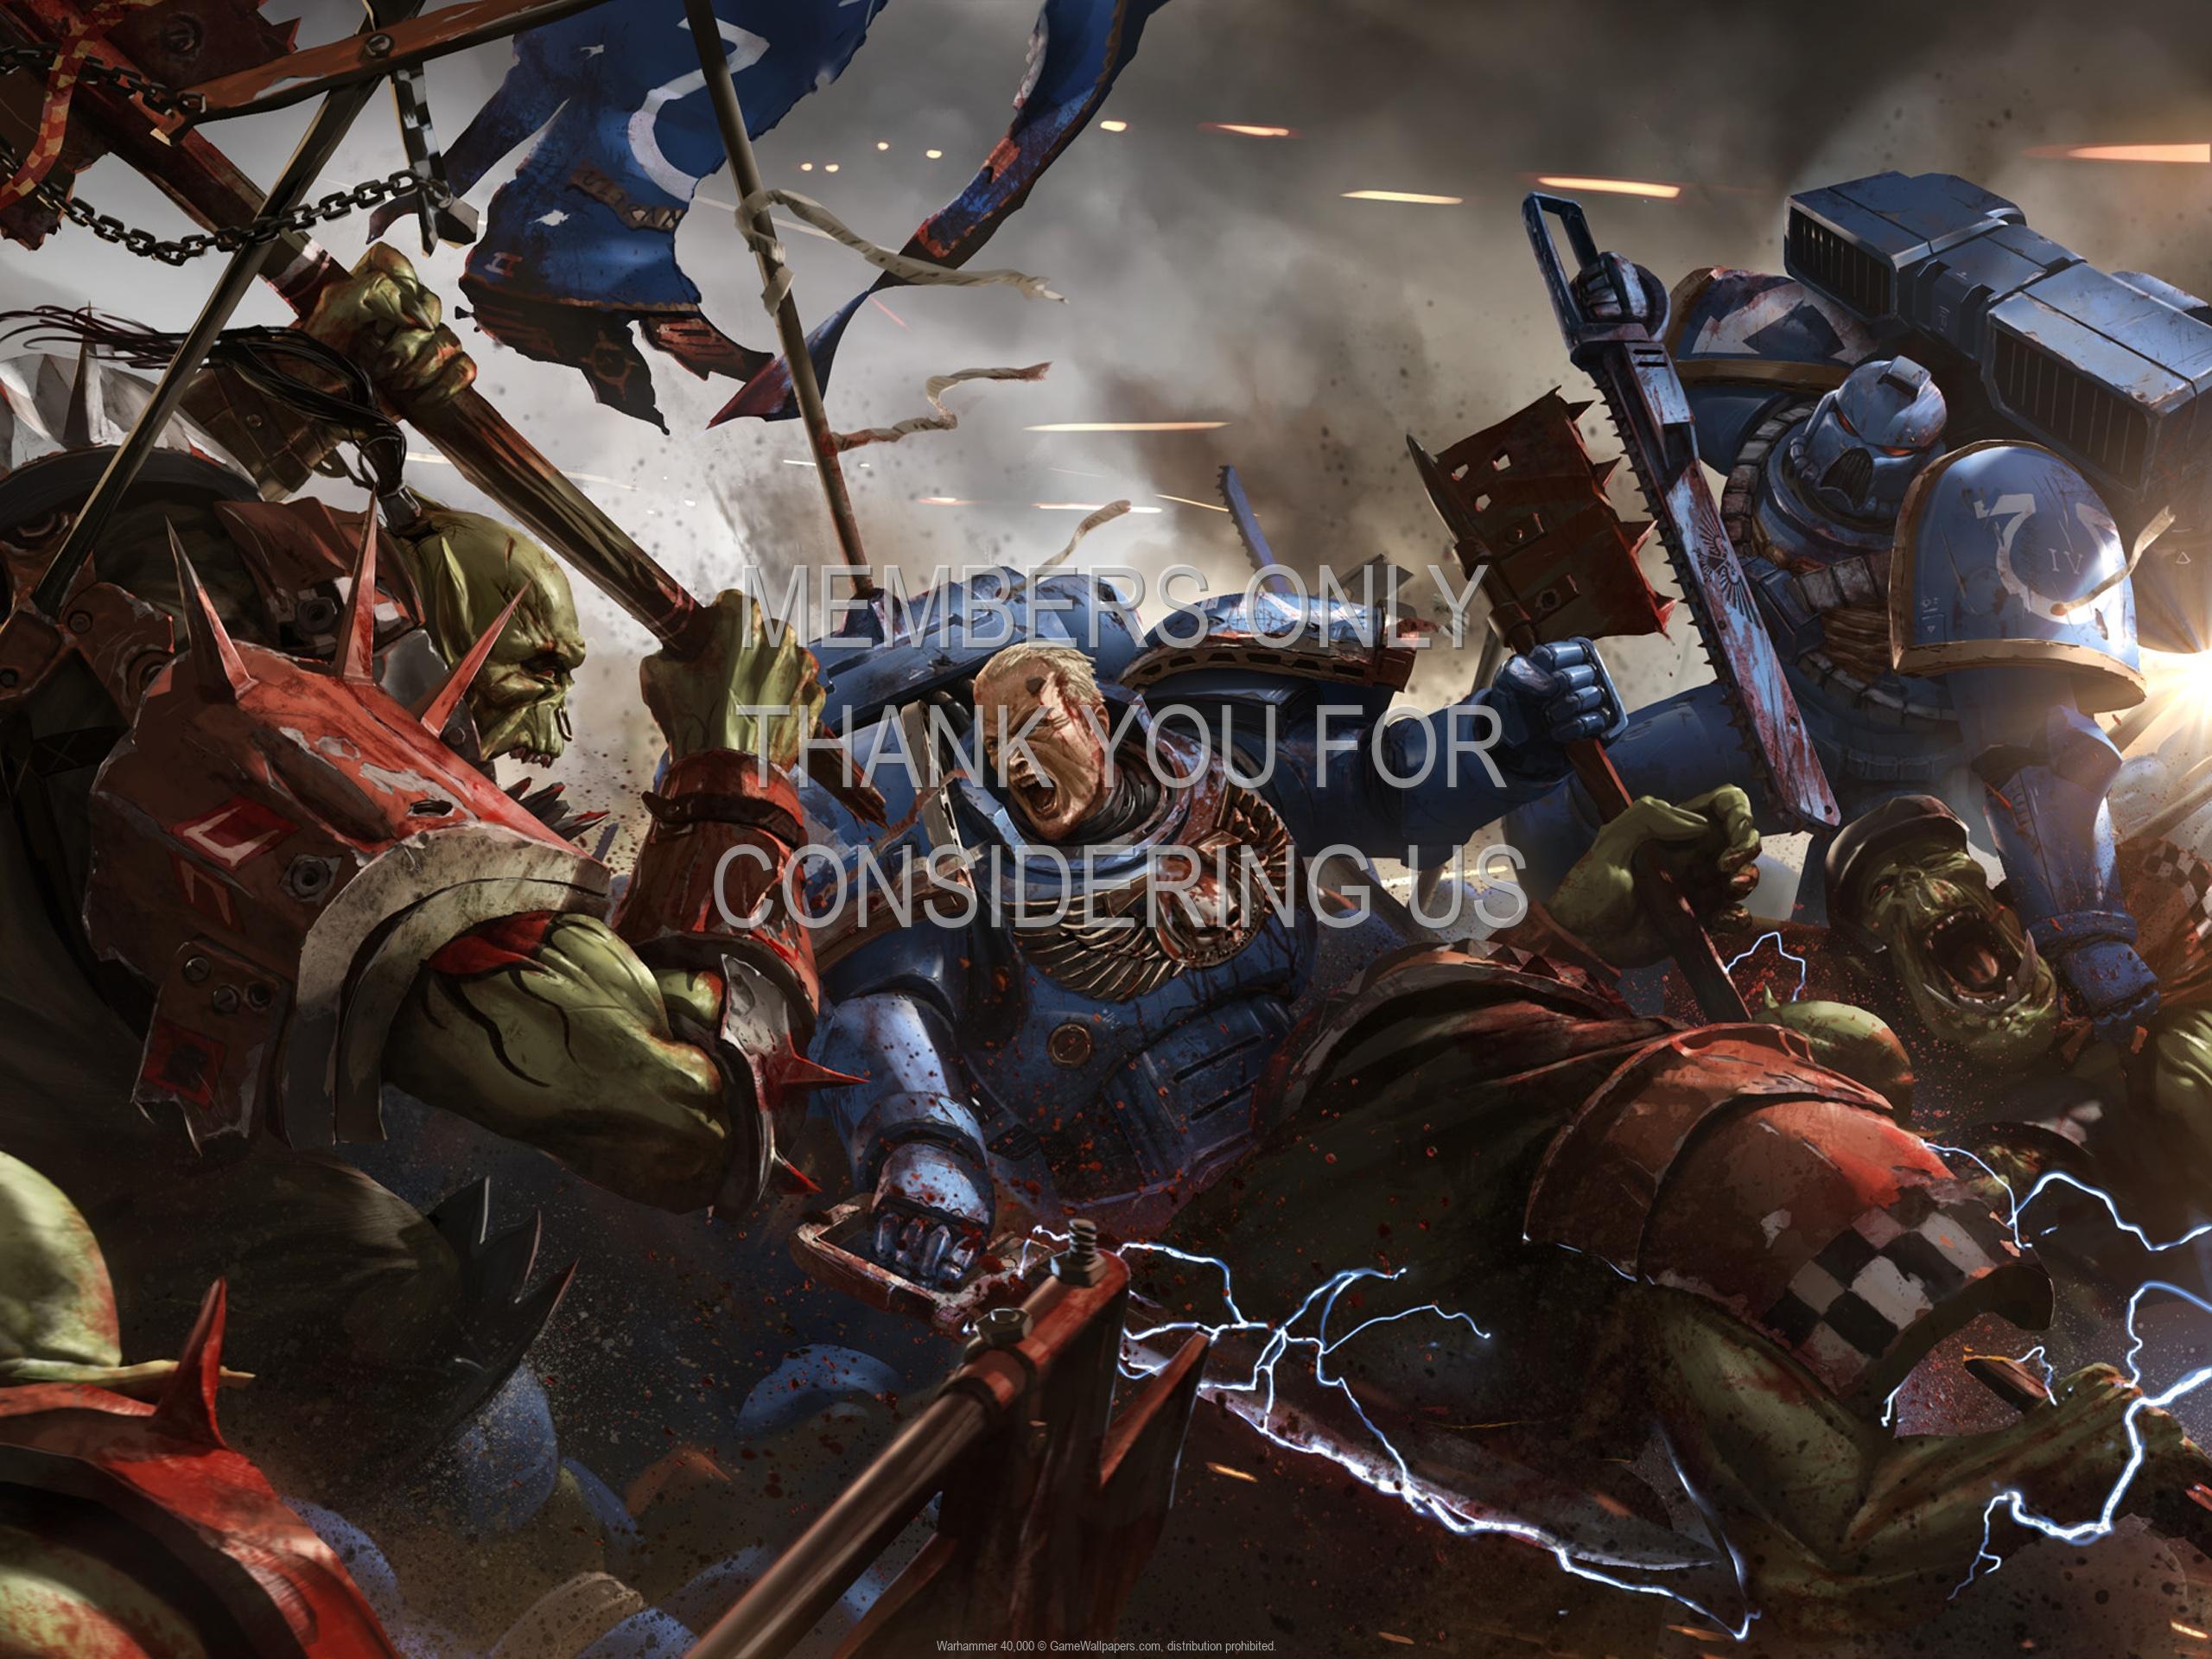 Warhammer 40,000 1920x1080 Handy Hintergrundbild 01